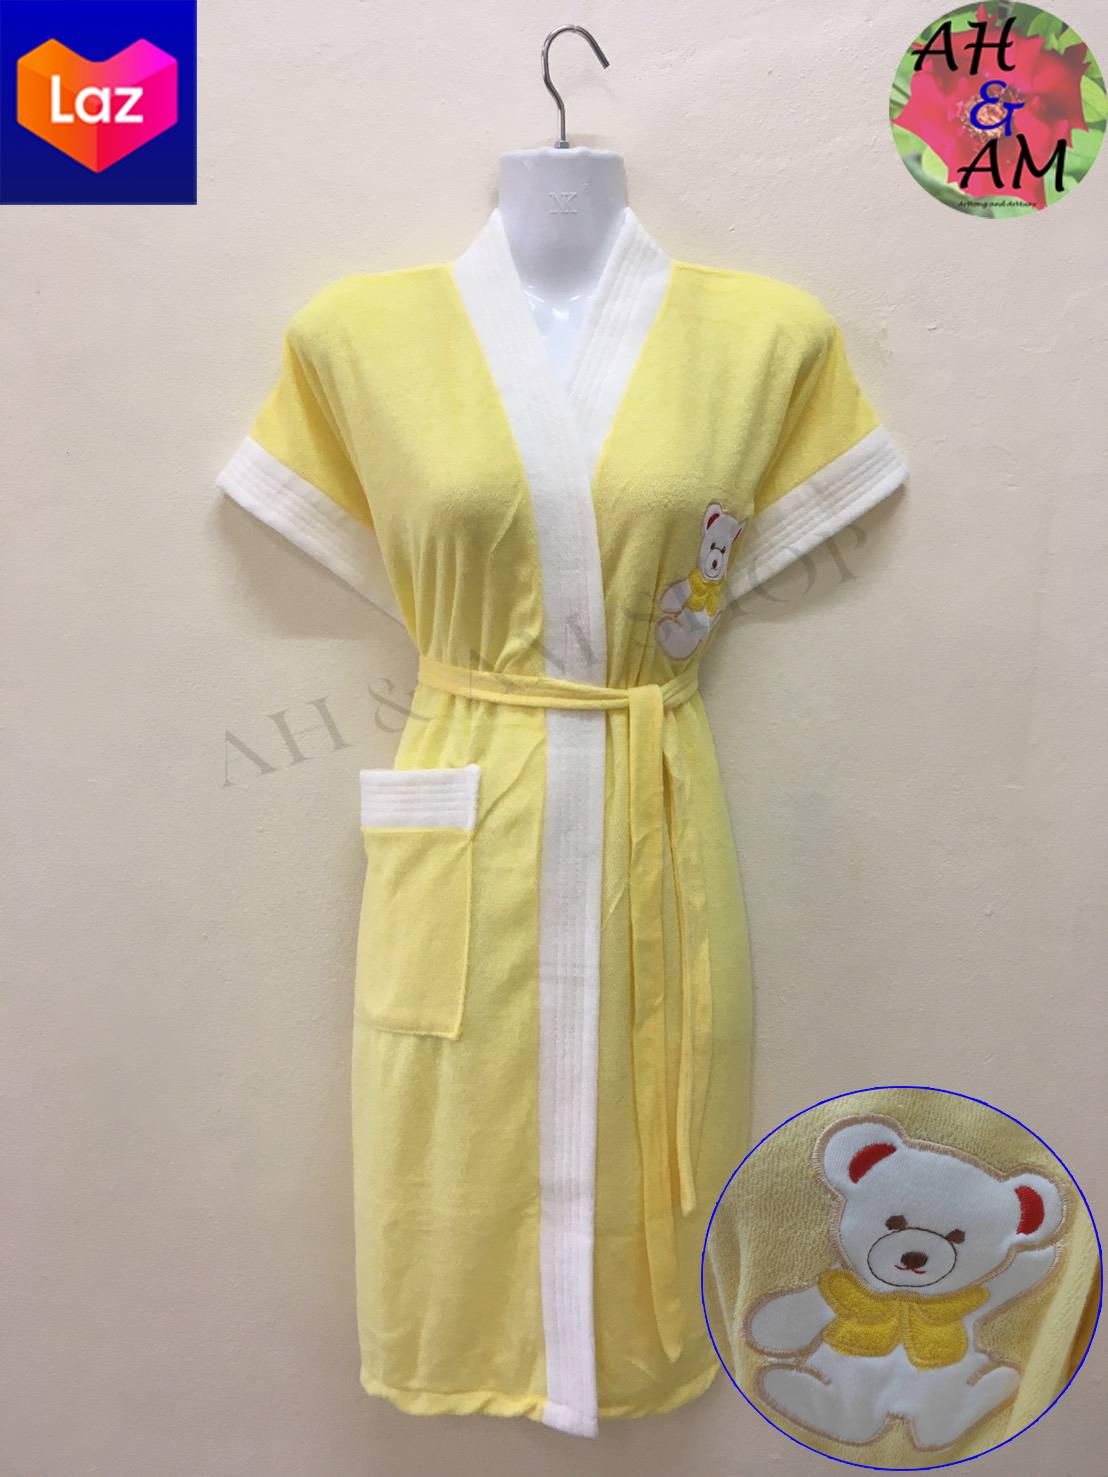 เสื้อคลุมอาบน้ำ ชุดคลุมอาบน้ำ ปักหมี หลากสี กว้าง 46 นิ้ว ยาว 36 นิ้ว ผ้าขนหนู นุ่ม ไม่เป็นขุย